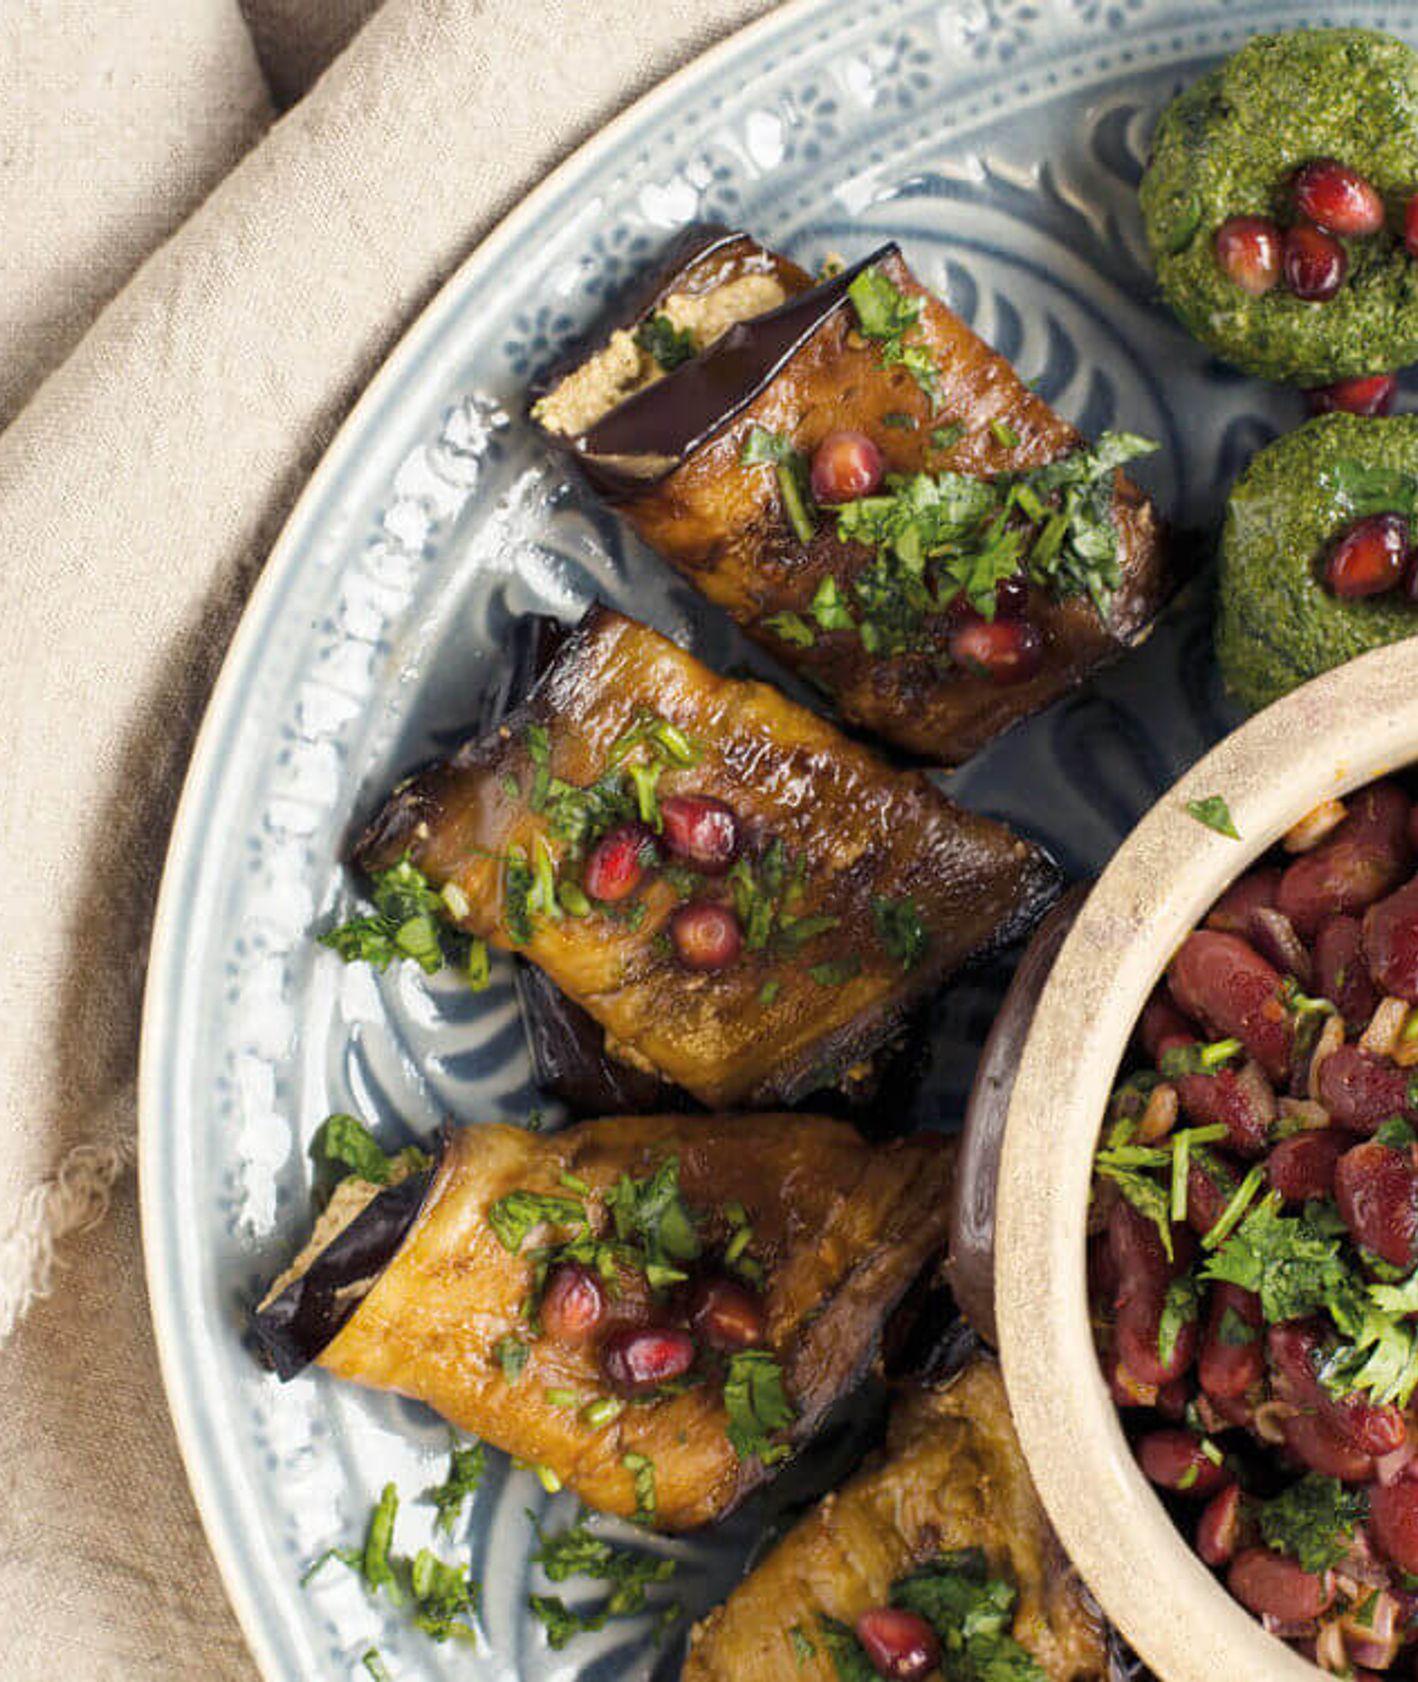 bakłażany z orzechami włoskimi, faszerowany bakłażan, sakiewki bakłażanowe, kuchnia arabska, kuchnia izraelska, przekąska na imprezę, lekka kolacja, wegańskie przekąski, wegański obiad